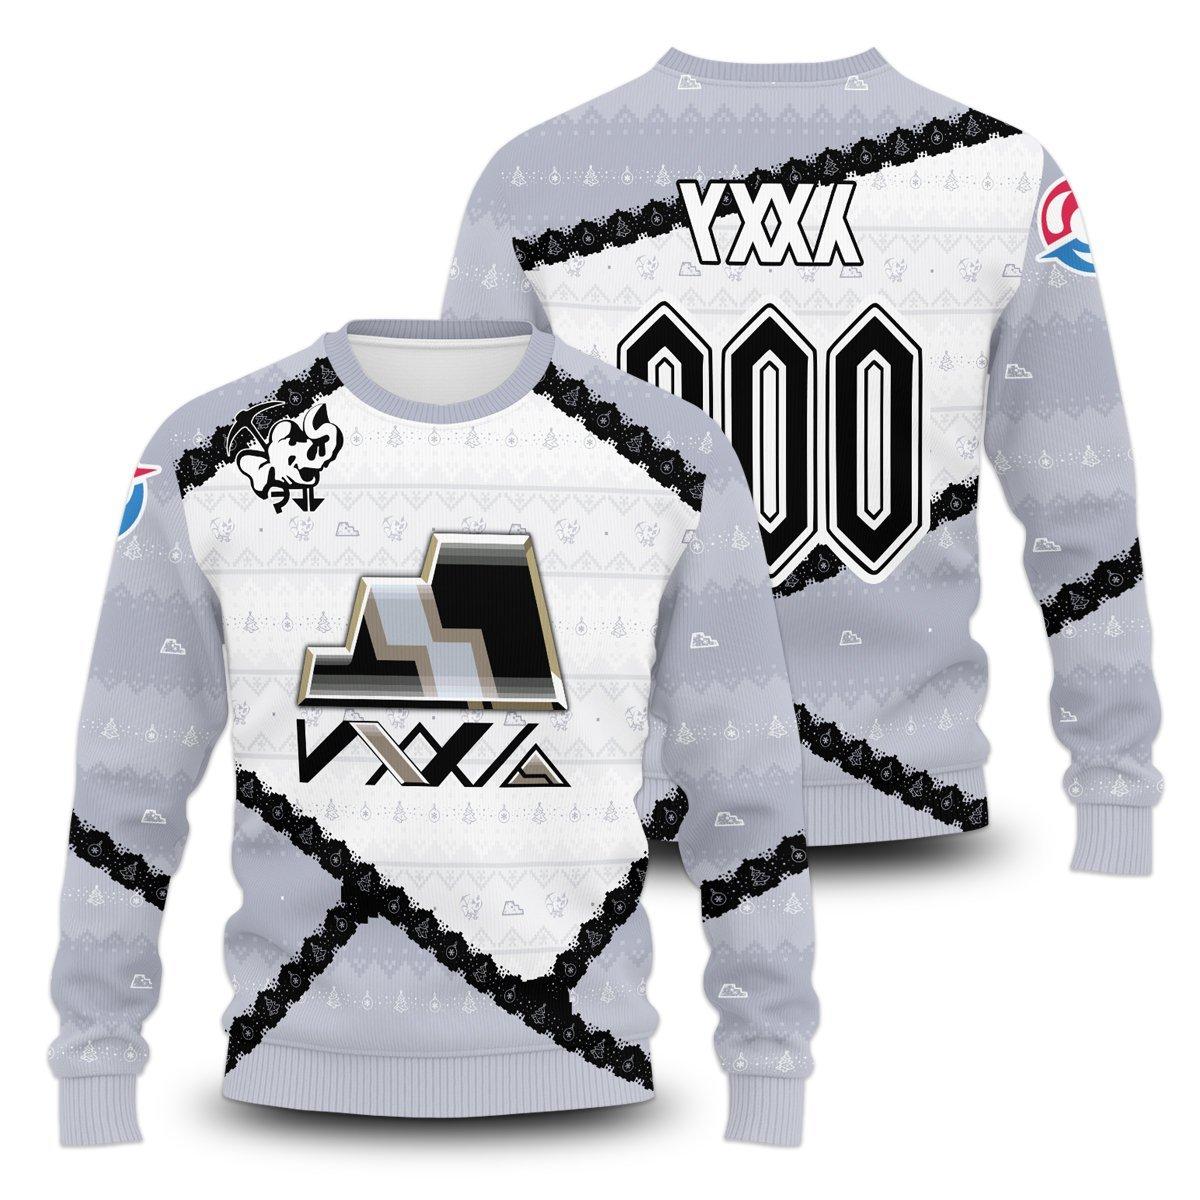 Personalized Pokemon Rock Uniform Unisex Wool Sweater FDM0310 S Official Otaku Treat Merch